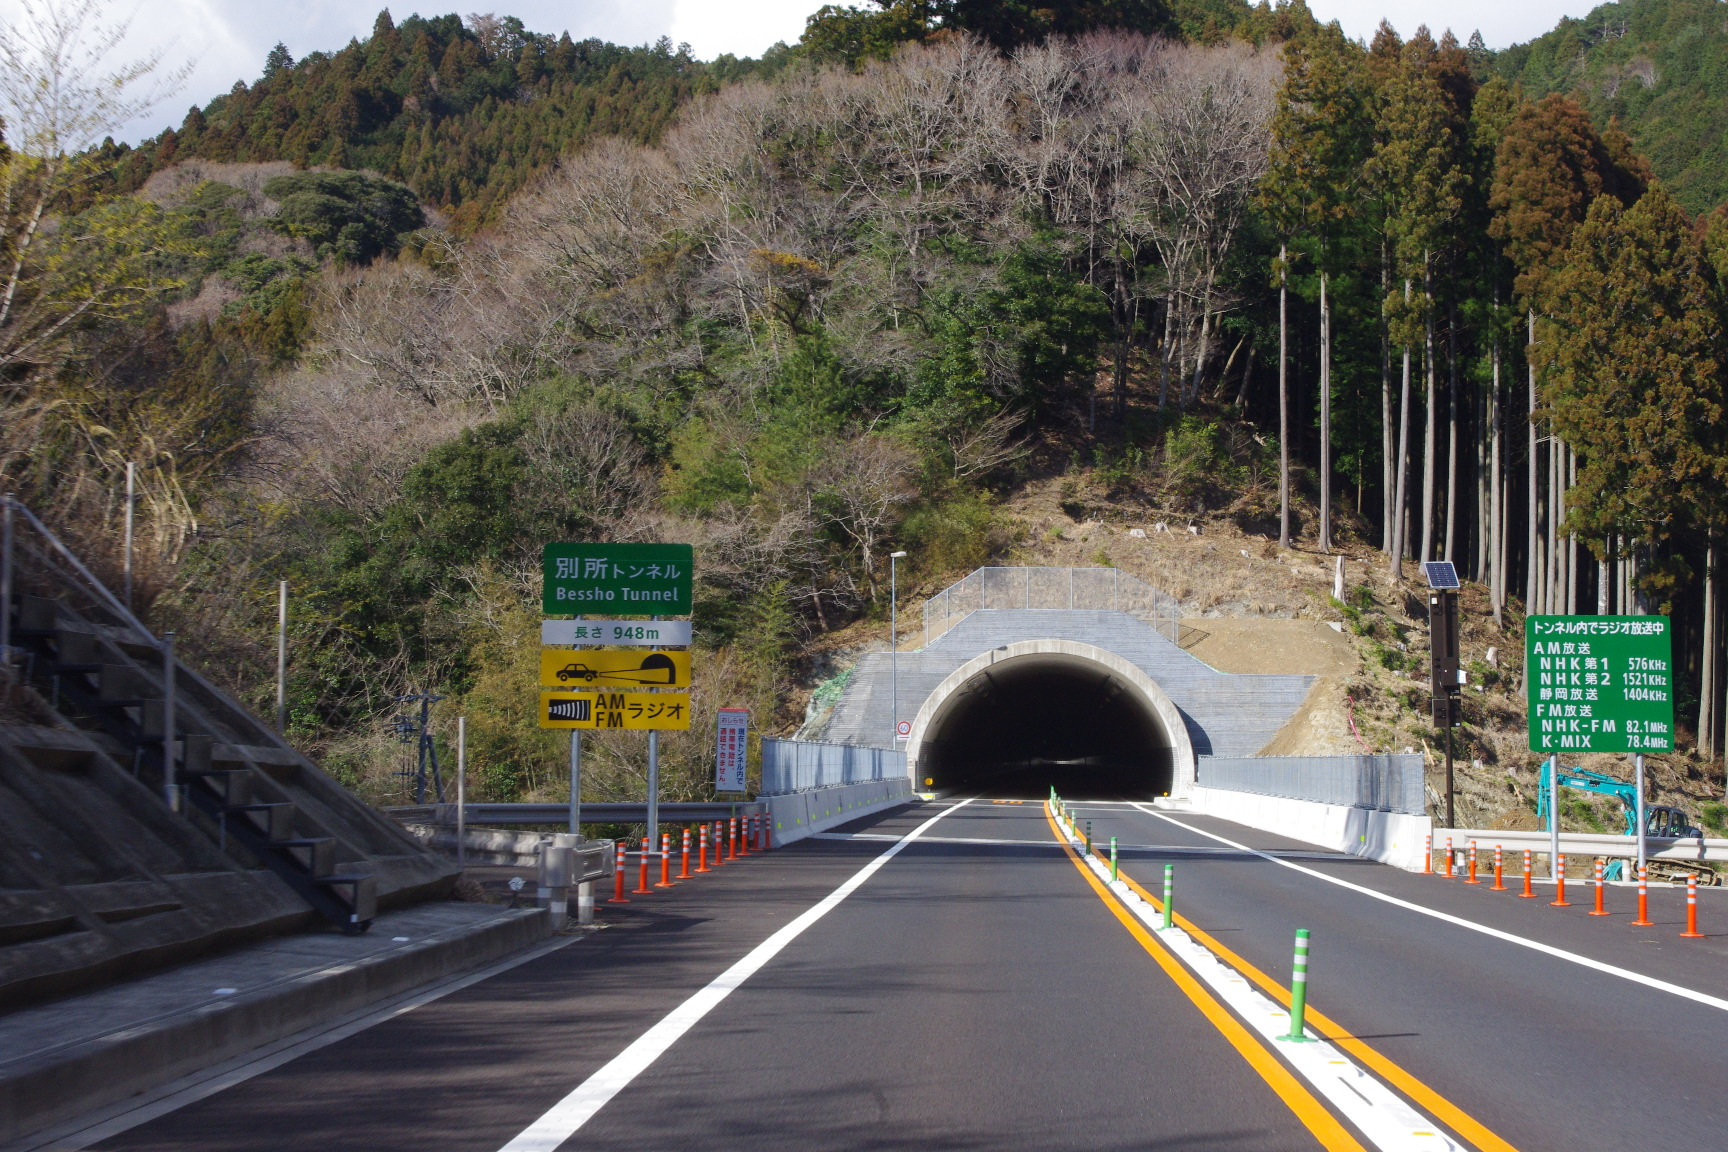 別所トンネル 948m